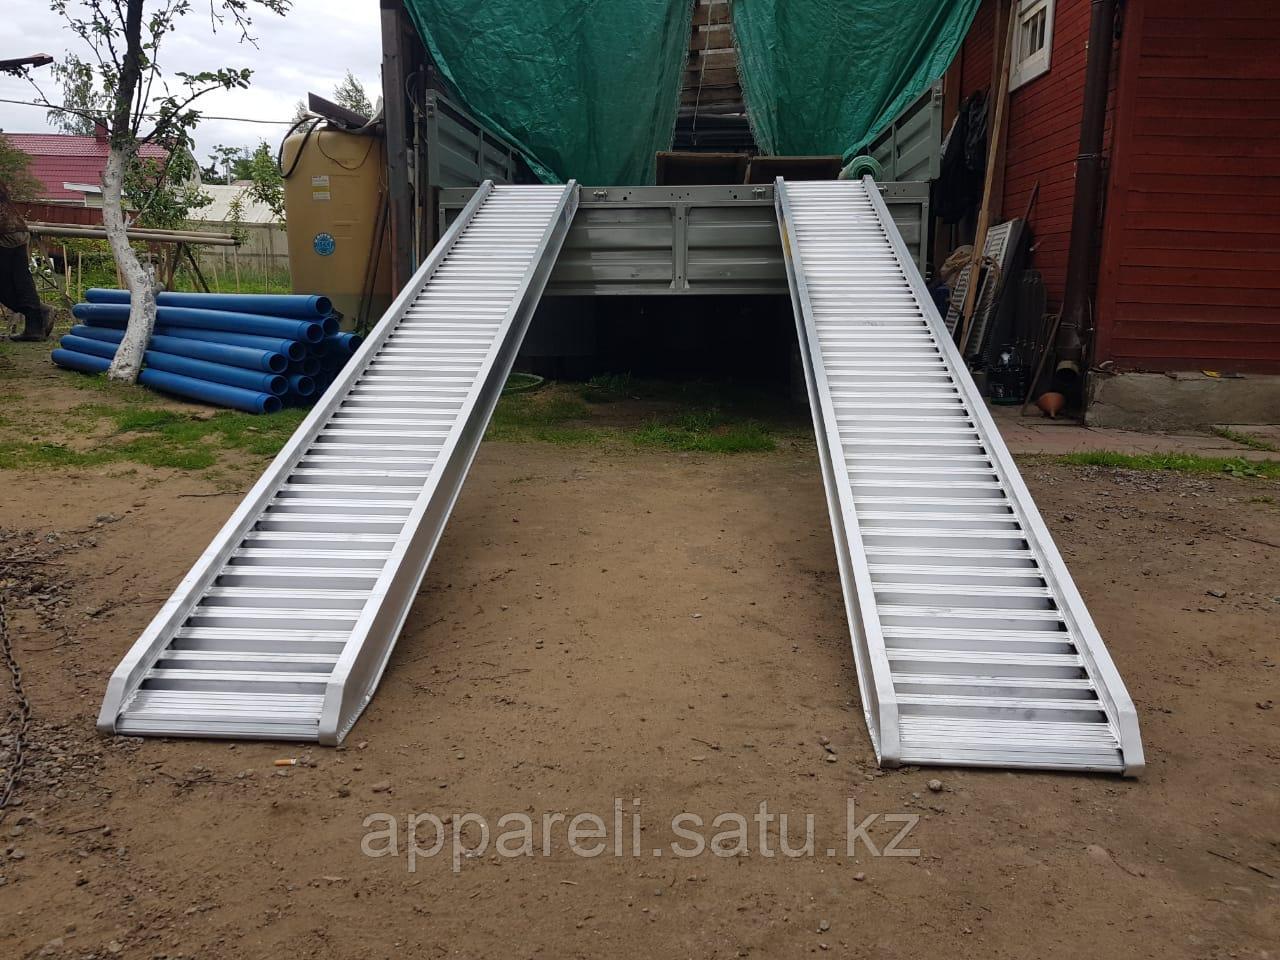 Алюминиевые аппарели 4,4 тонны, 3,5 метра производство